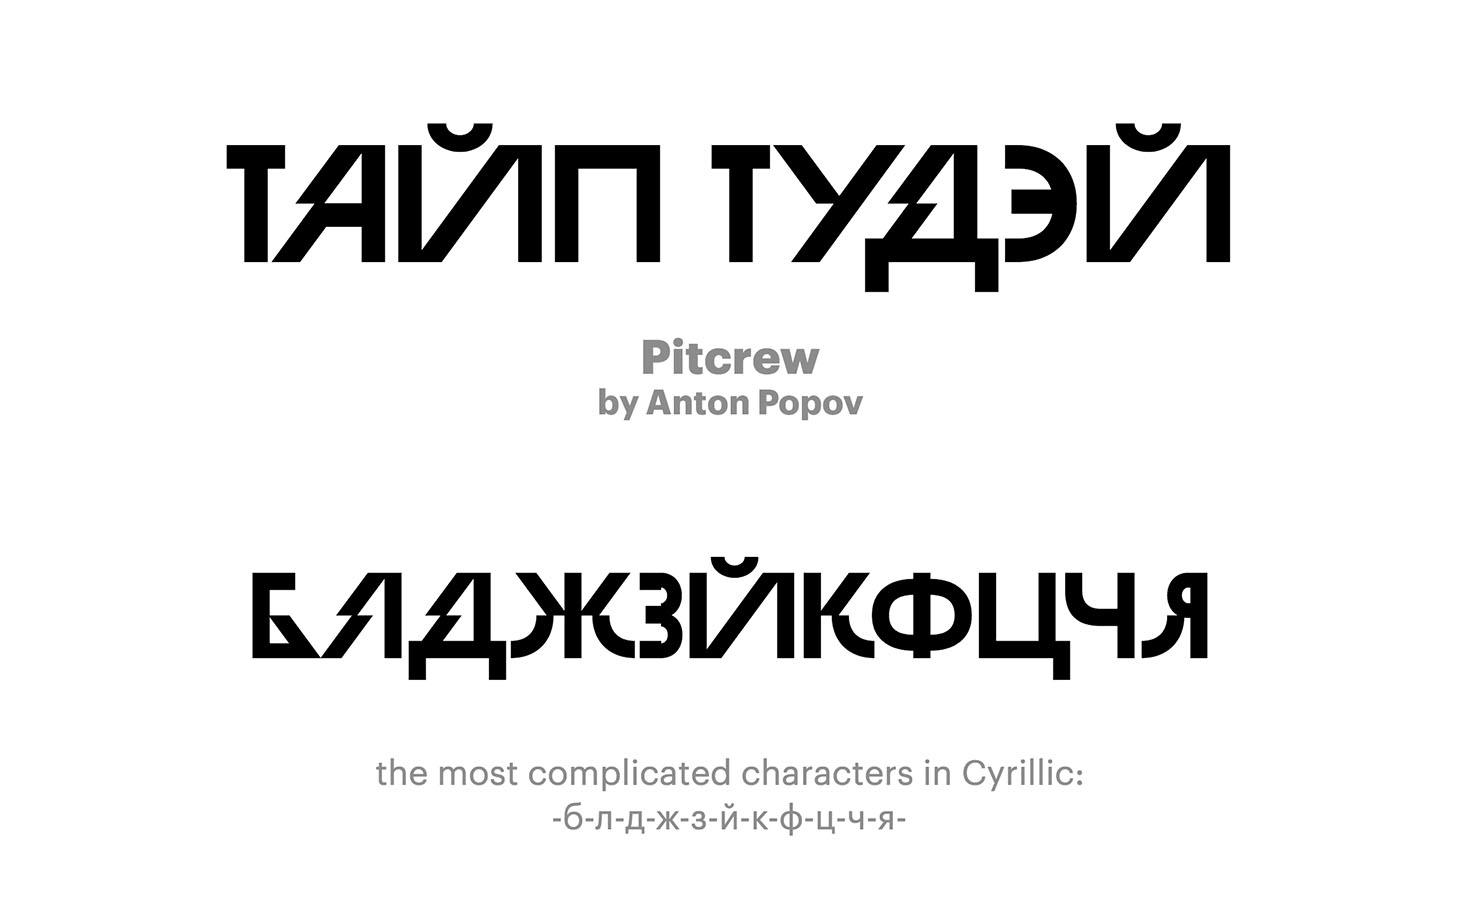 Pitcrew